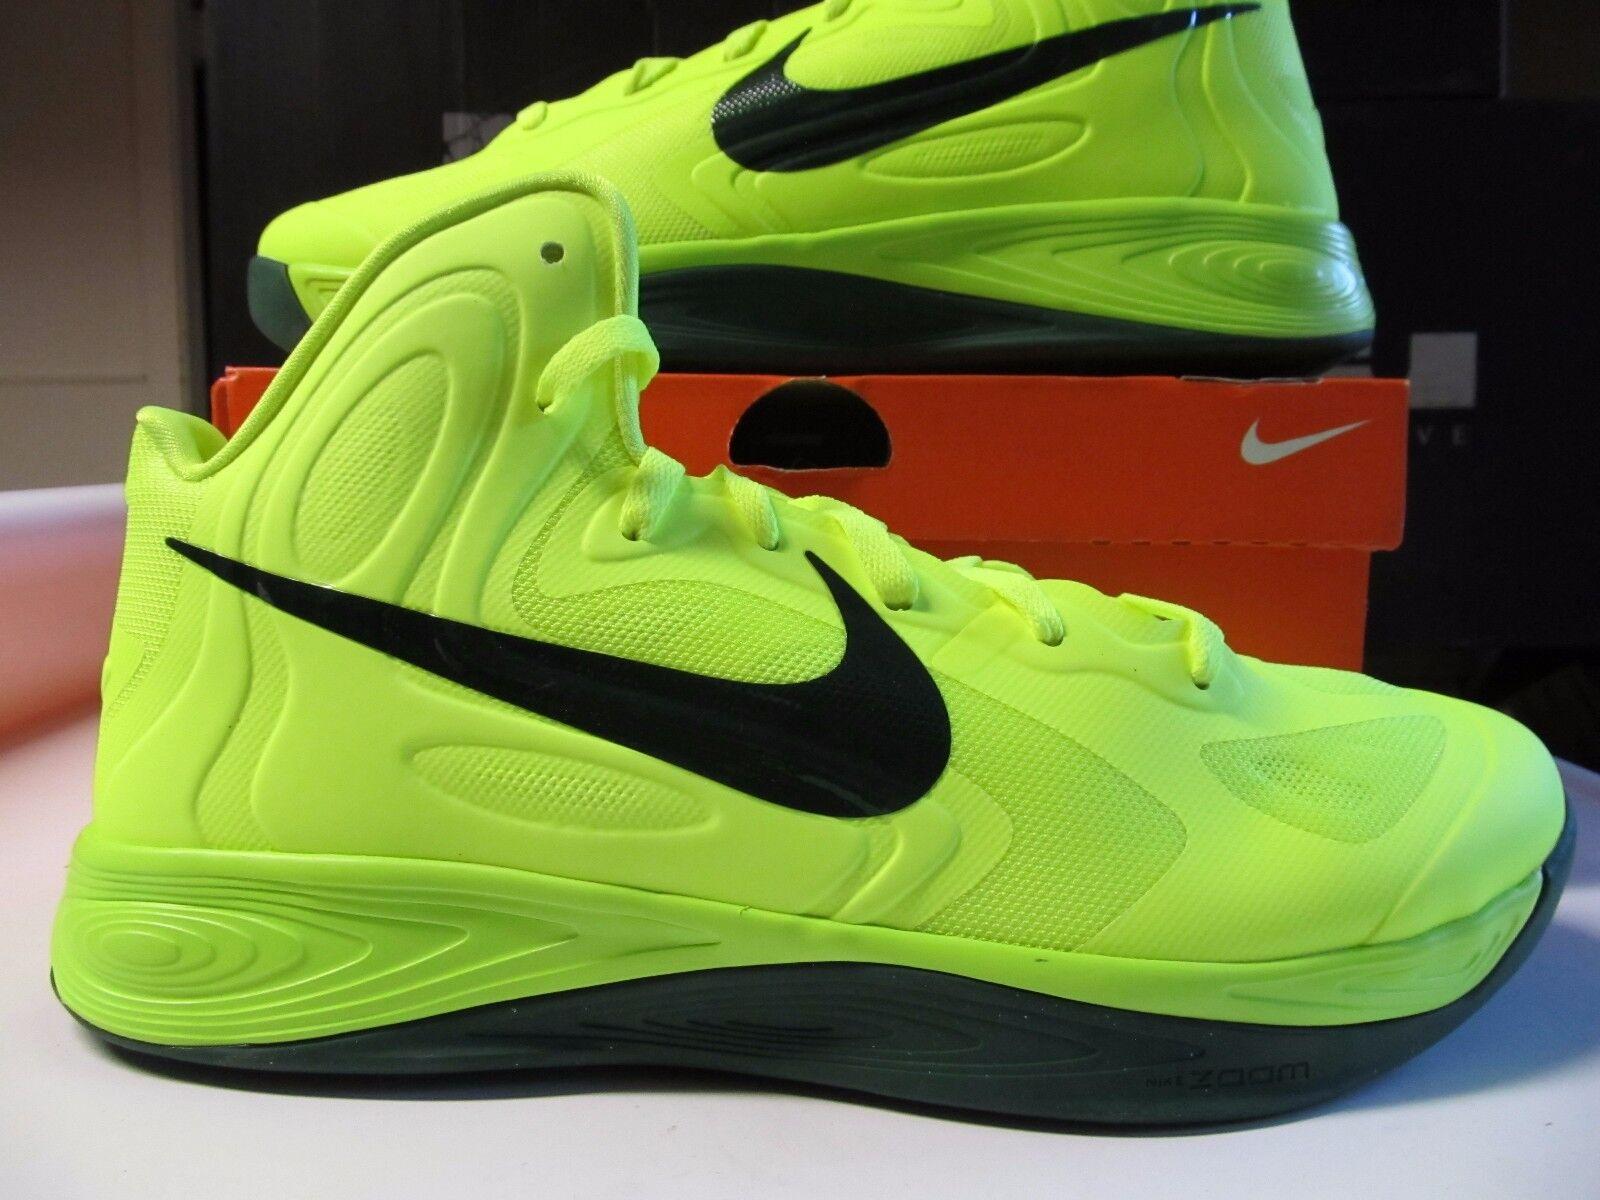 Nike Air Max Tavas     Da Ginnastica Nuove Donne 916791 003 Misura 6,5 7570d1